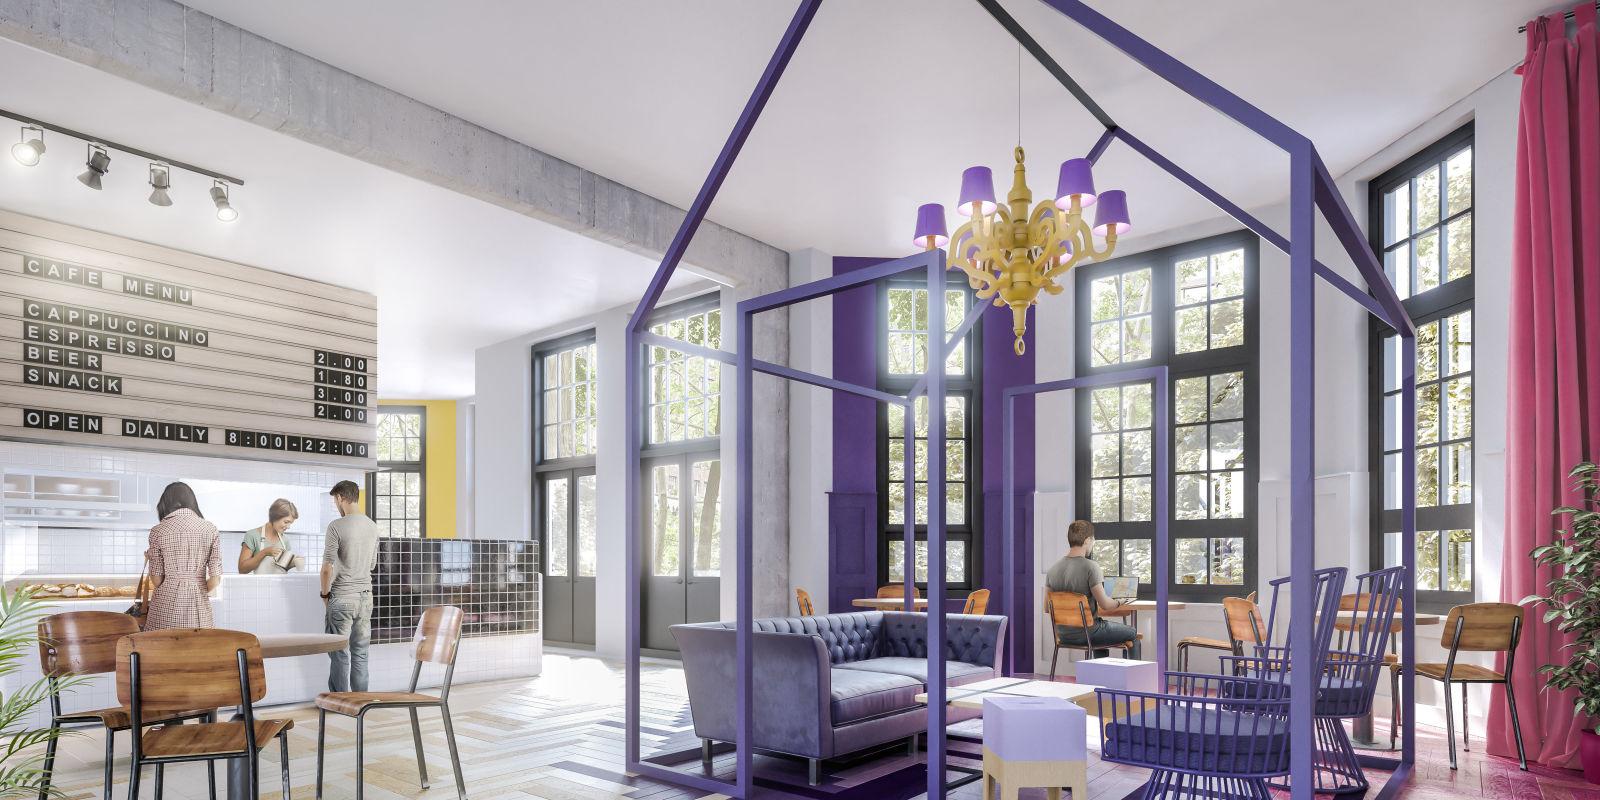 Generator wil design hotel toegankelijk maken for Design hotel lizum 1600